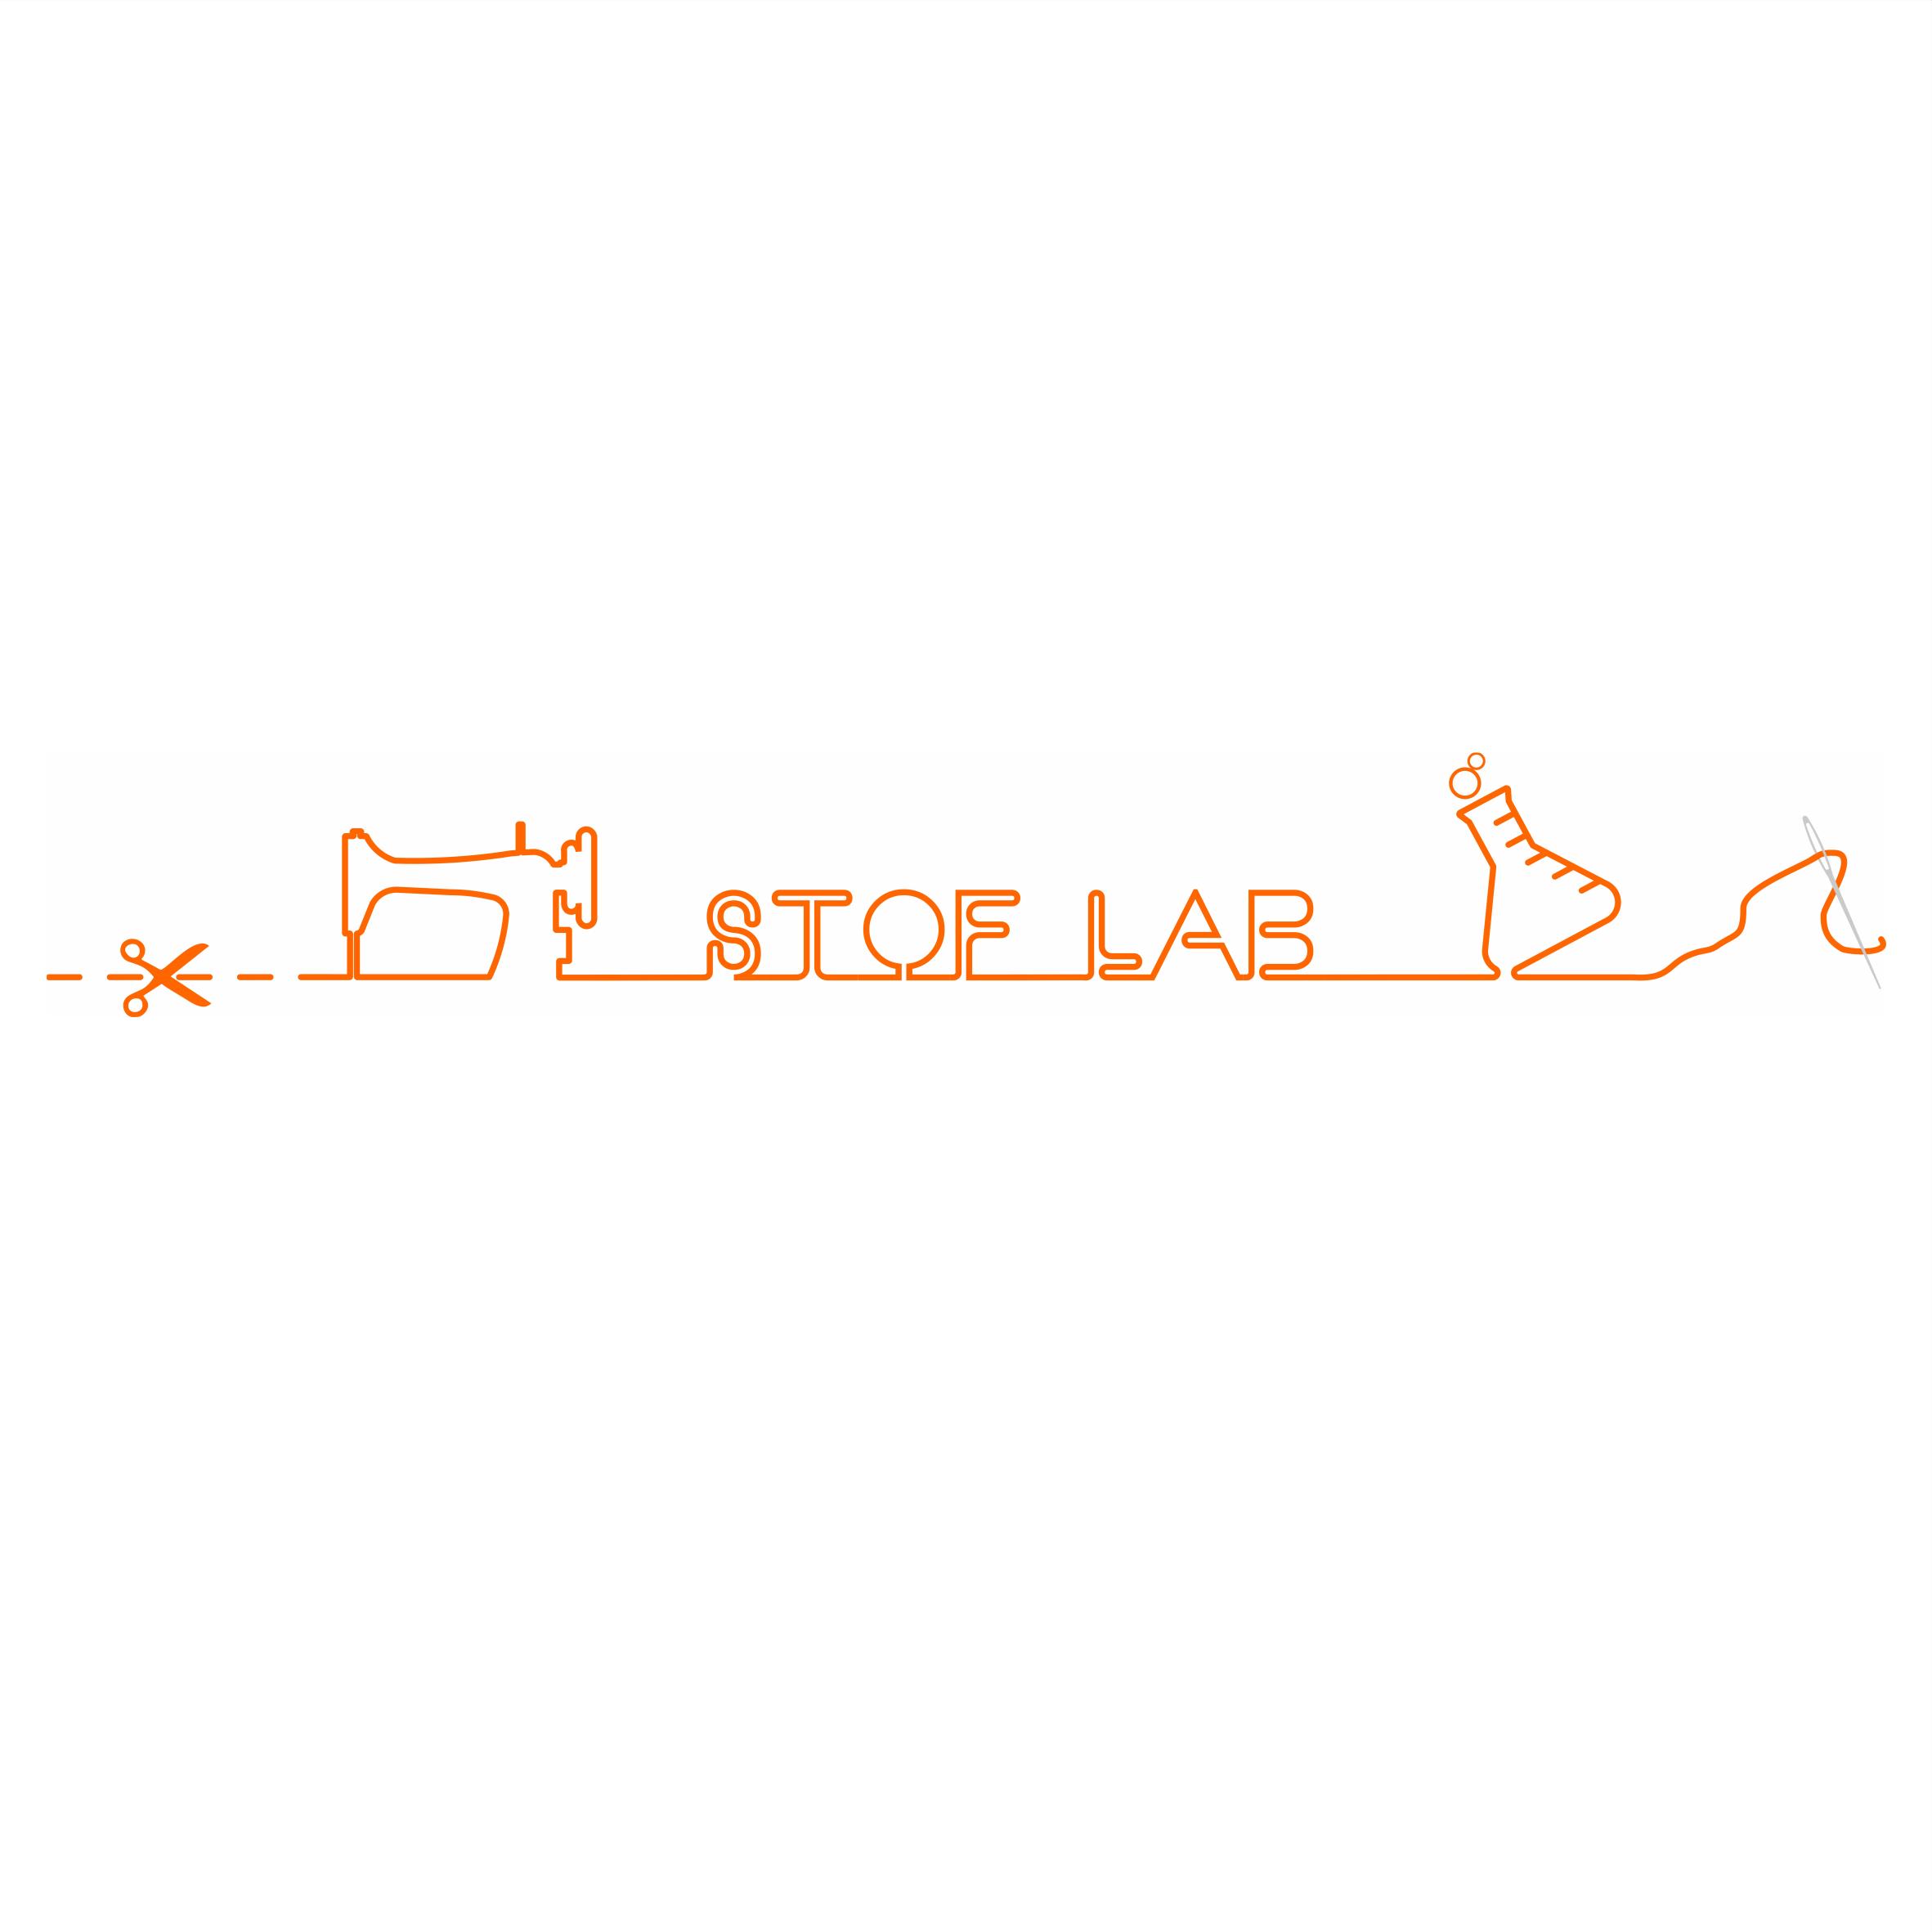 concepts-logo-stoflab-werkterrein-kwartiermaken